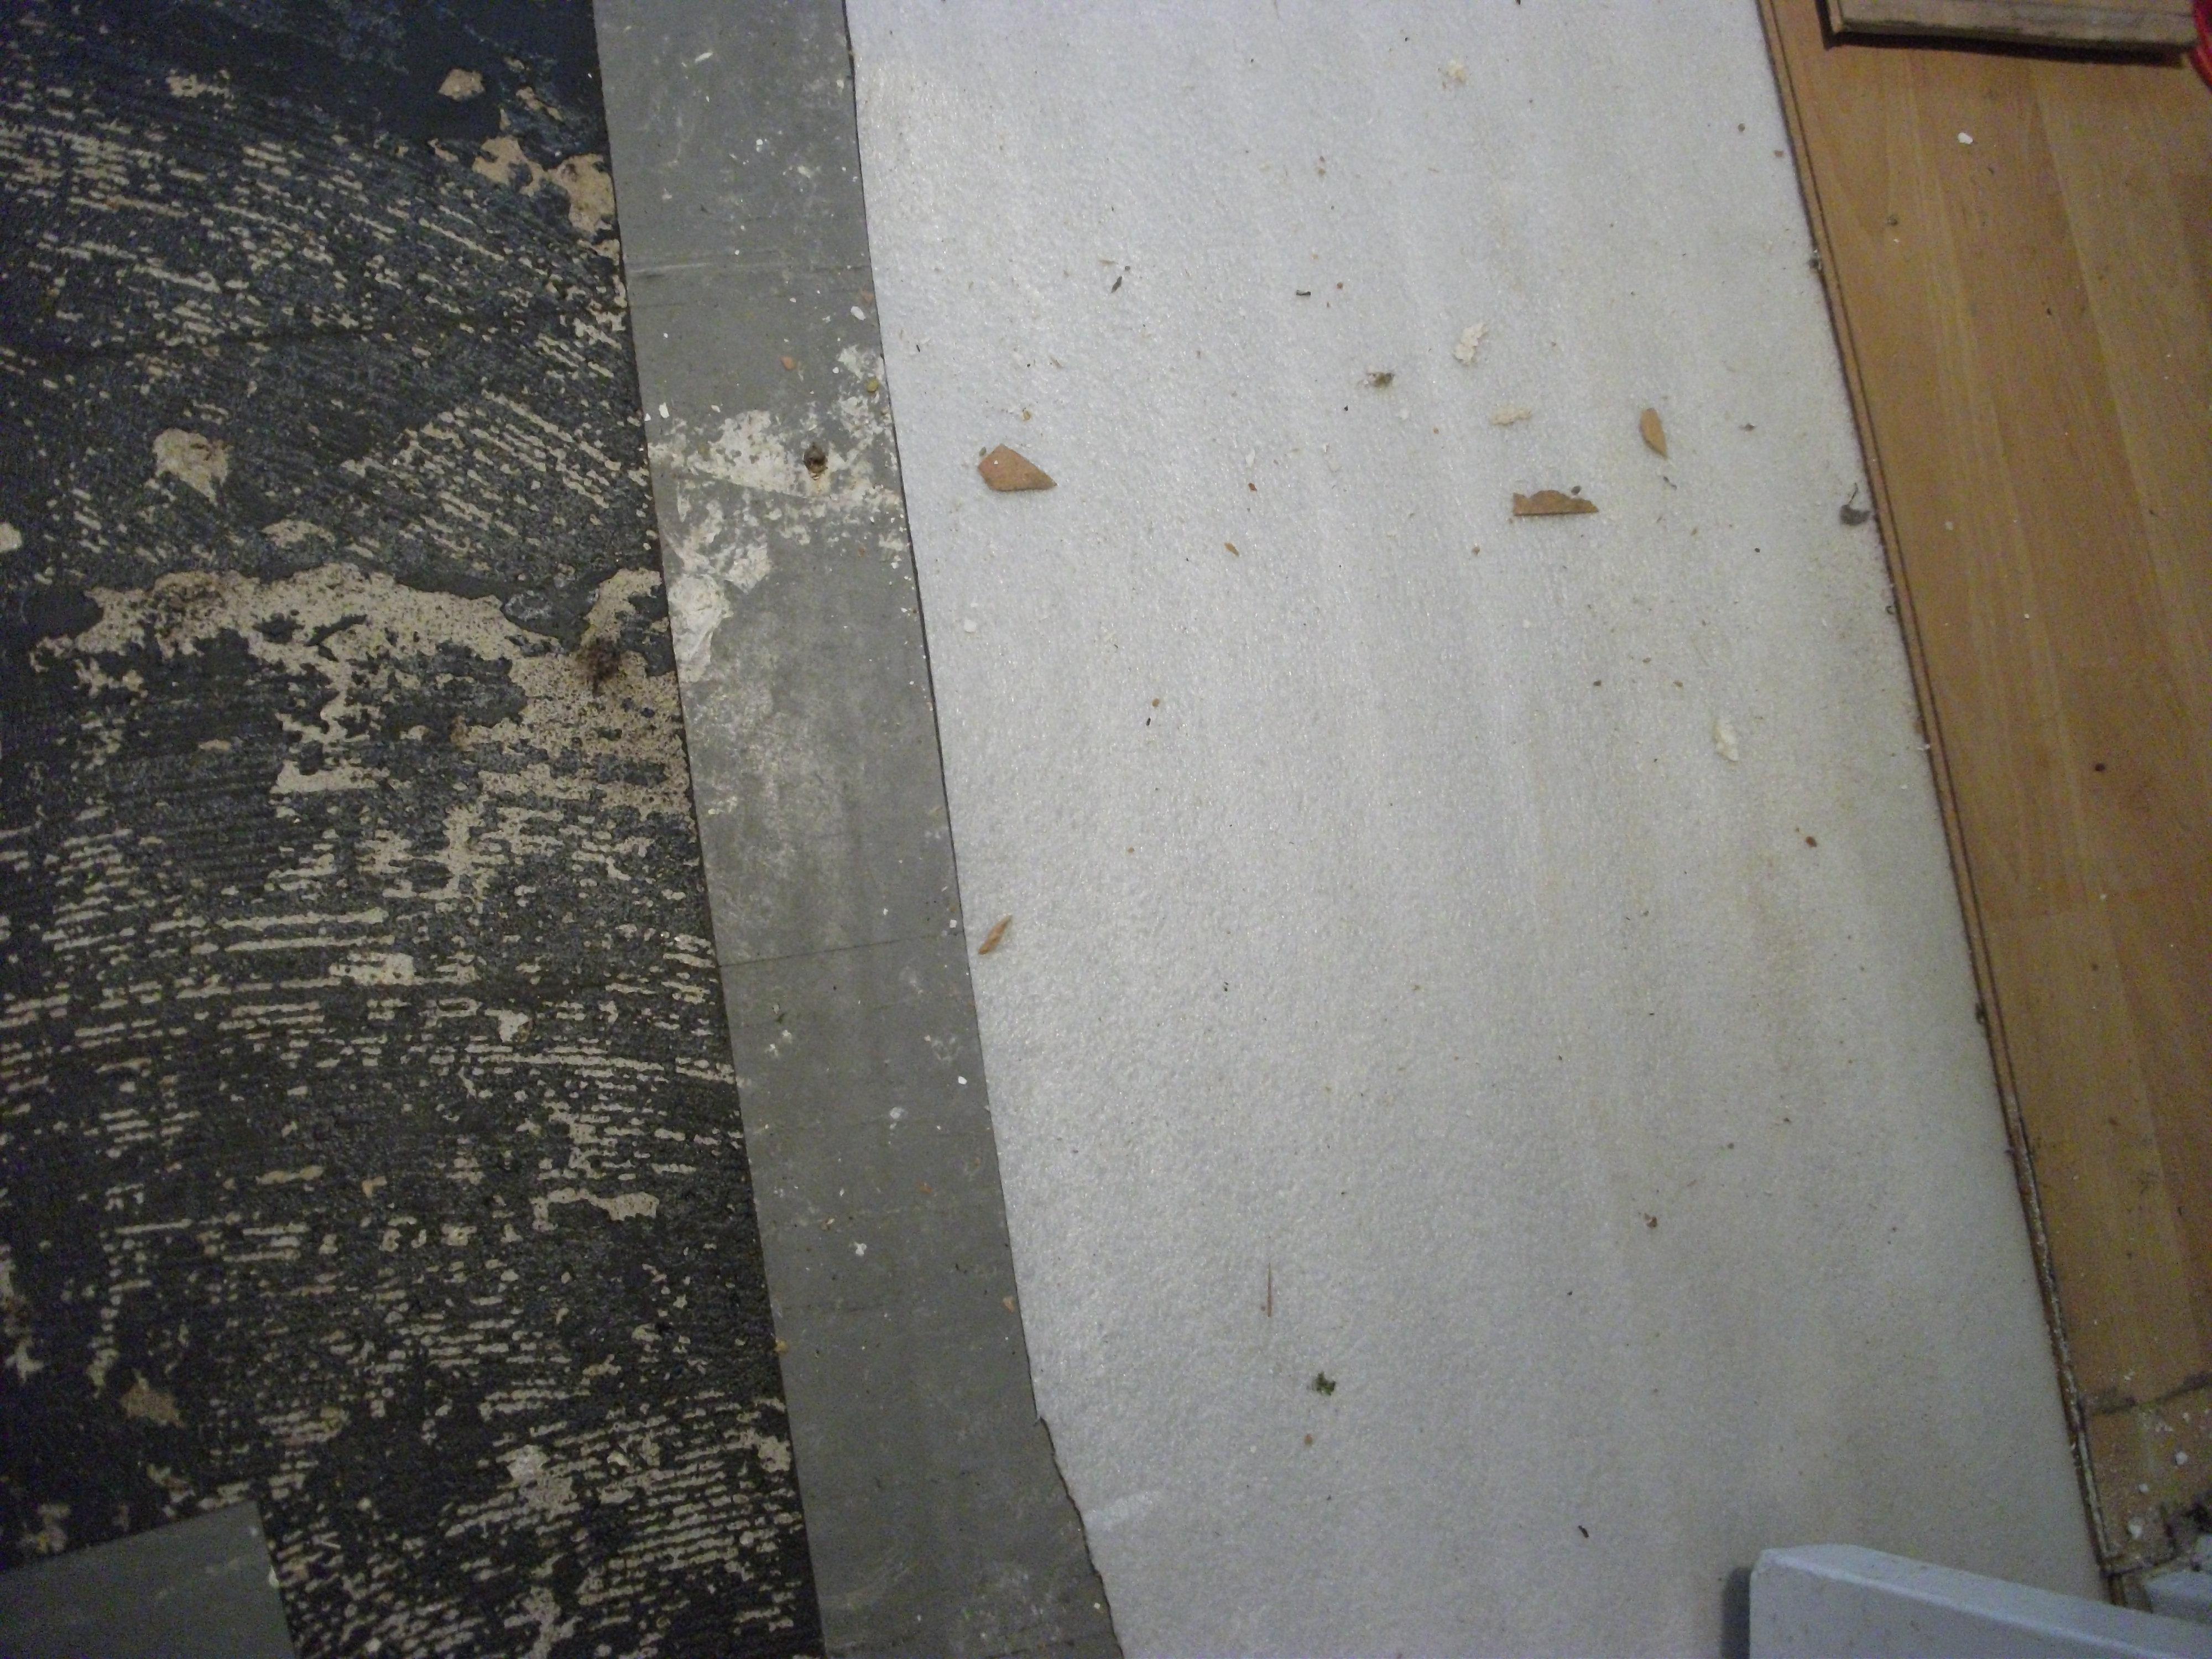 Schimmel Im Haus Finden schimmelpilze finden - götz autenrieth